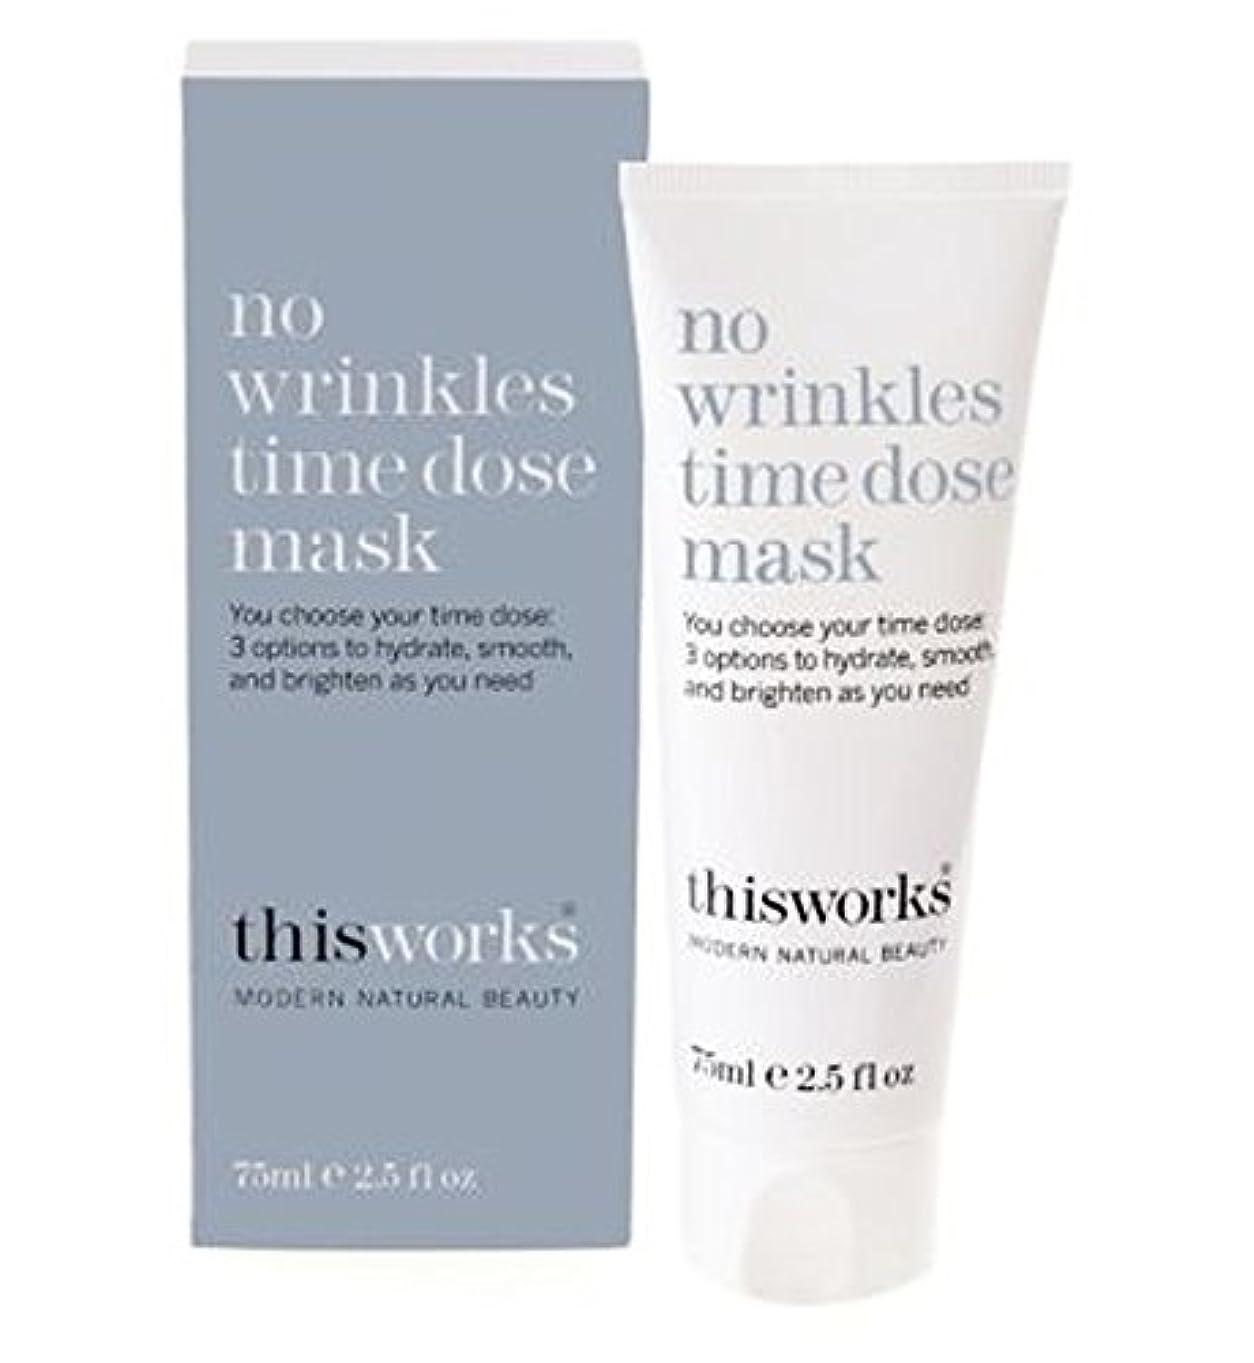 分泌する羽再集計This Works No Wrinkles Time Dose Mask 75ml - これにはしわ時間線量マスクの75ミリリットルの作品はありません (This Works) [並行輸入品]